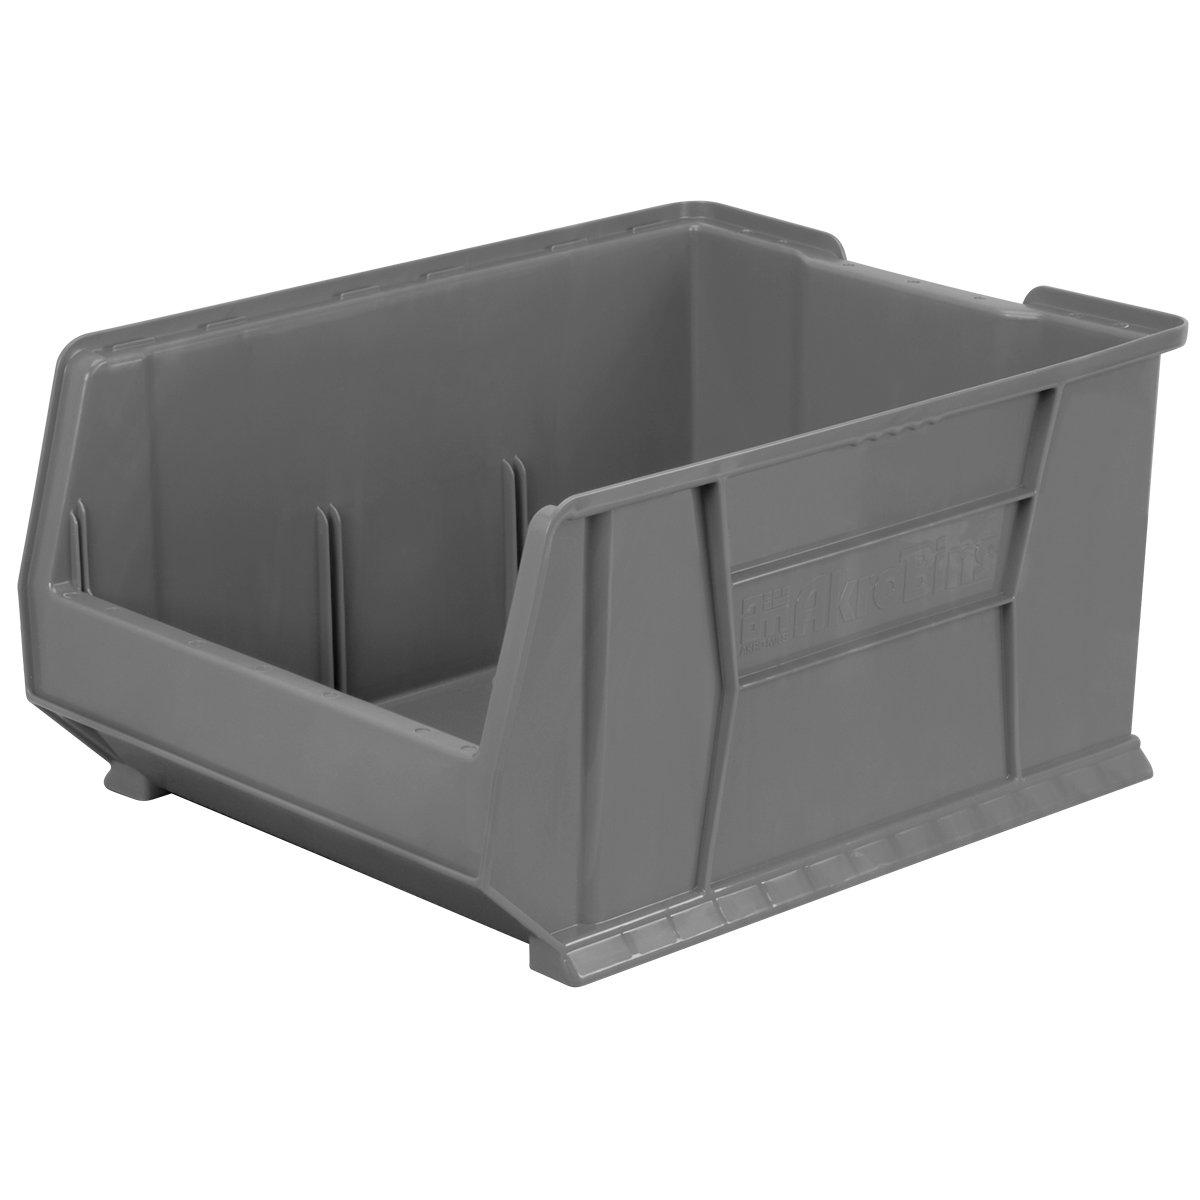 Akro-Mils 30289GREY Super Size Plastic Stacking Storage, 24-Inch x 18-Inch x 12-Inch, Grey